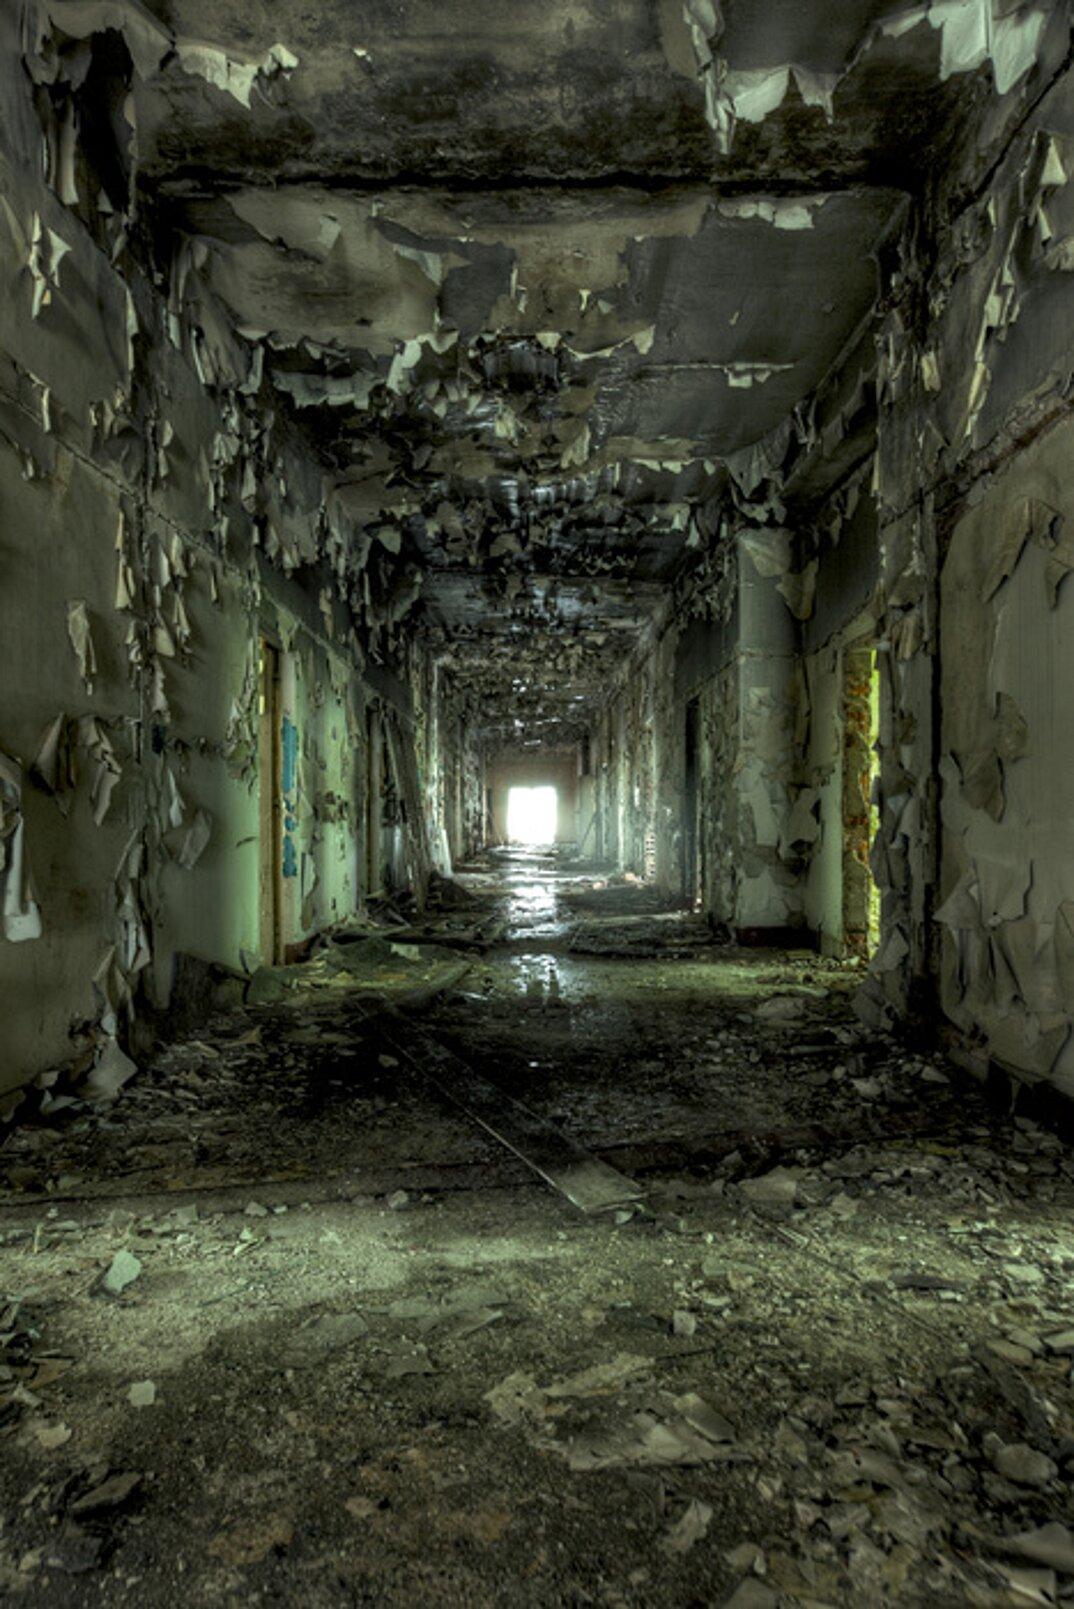 fotografia-luoghi-abbandonati-unione-sovietica-soviet-ghosts-rebecca-bathory-05